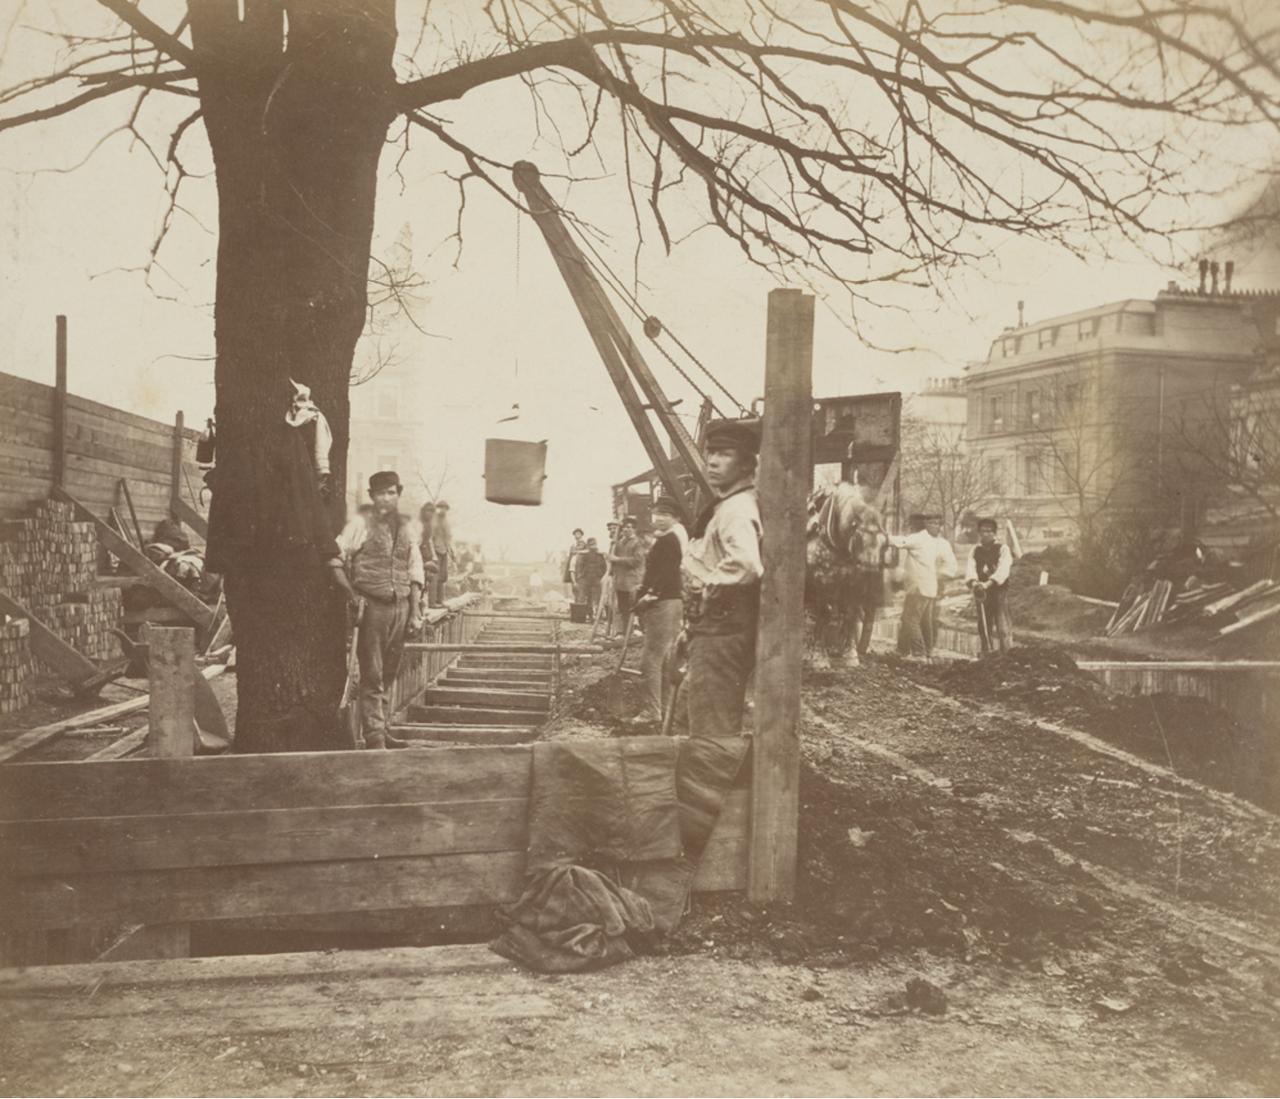 1867. Несколько рабочих, работающих на стыке линий между станциями «Паддингтон» и «Кенсингтон» через «Блэкфрайарс»